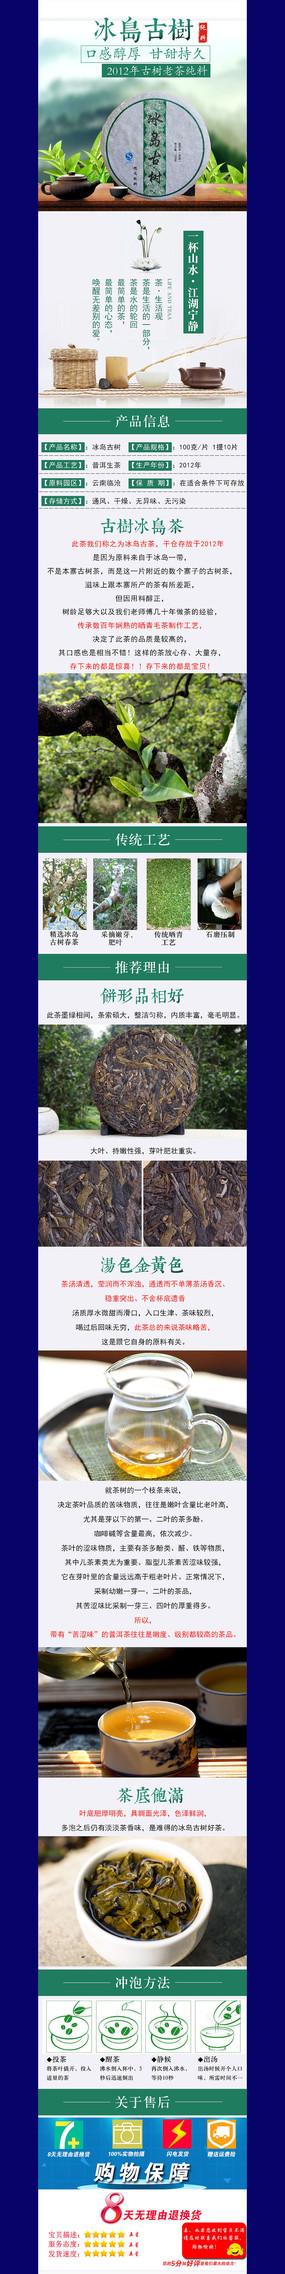 淘宝茶叶茶饼详情页模板